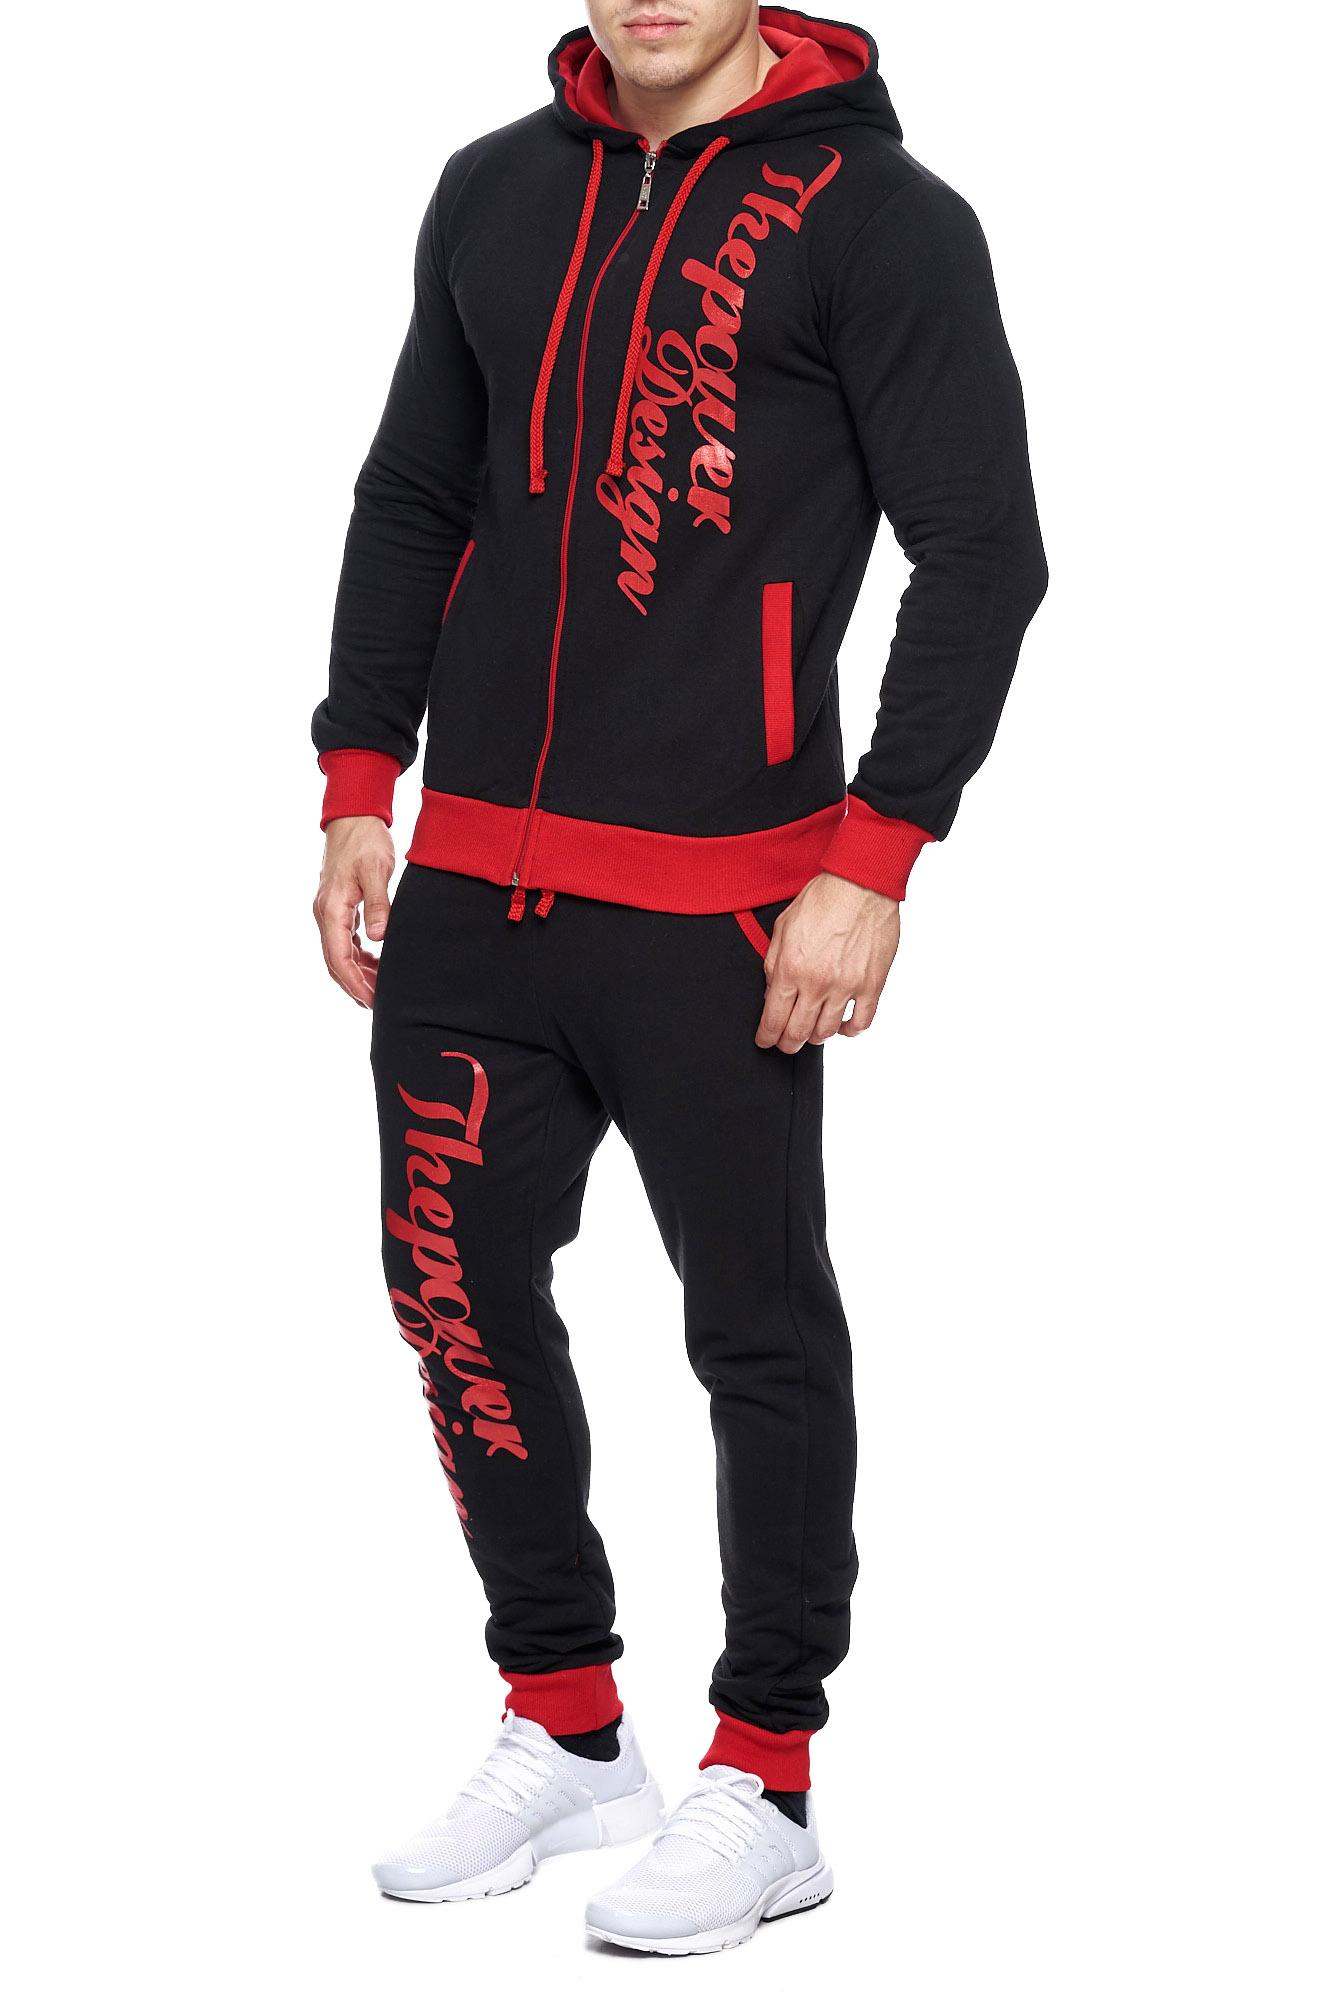 Jogging-Suit-Sports-Suit-Fitness-Power-Men-039-s-Code47 thumbnail 15